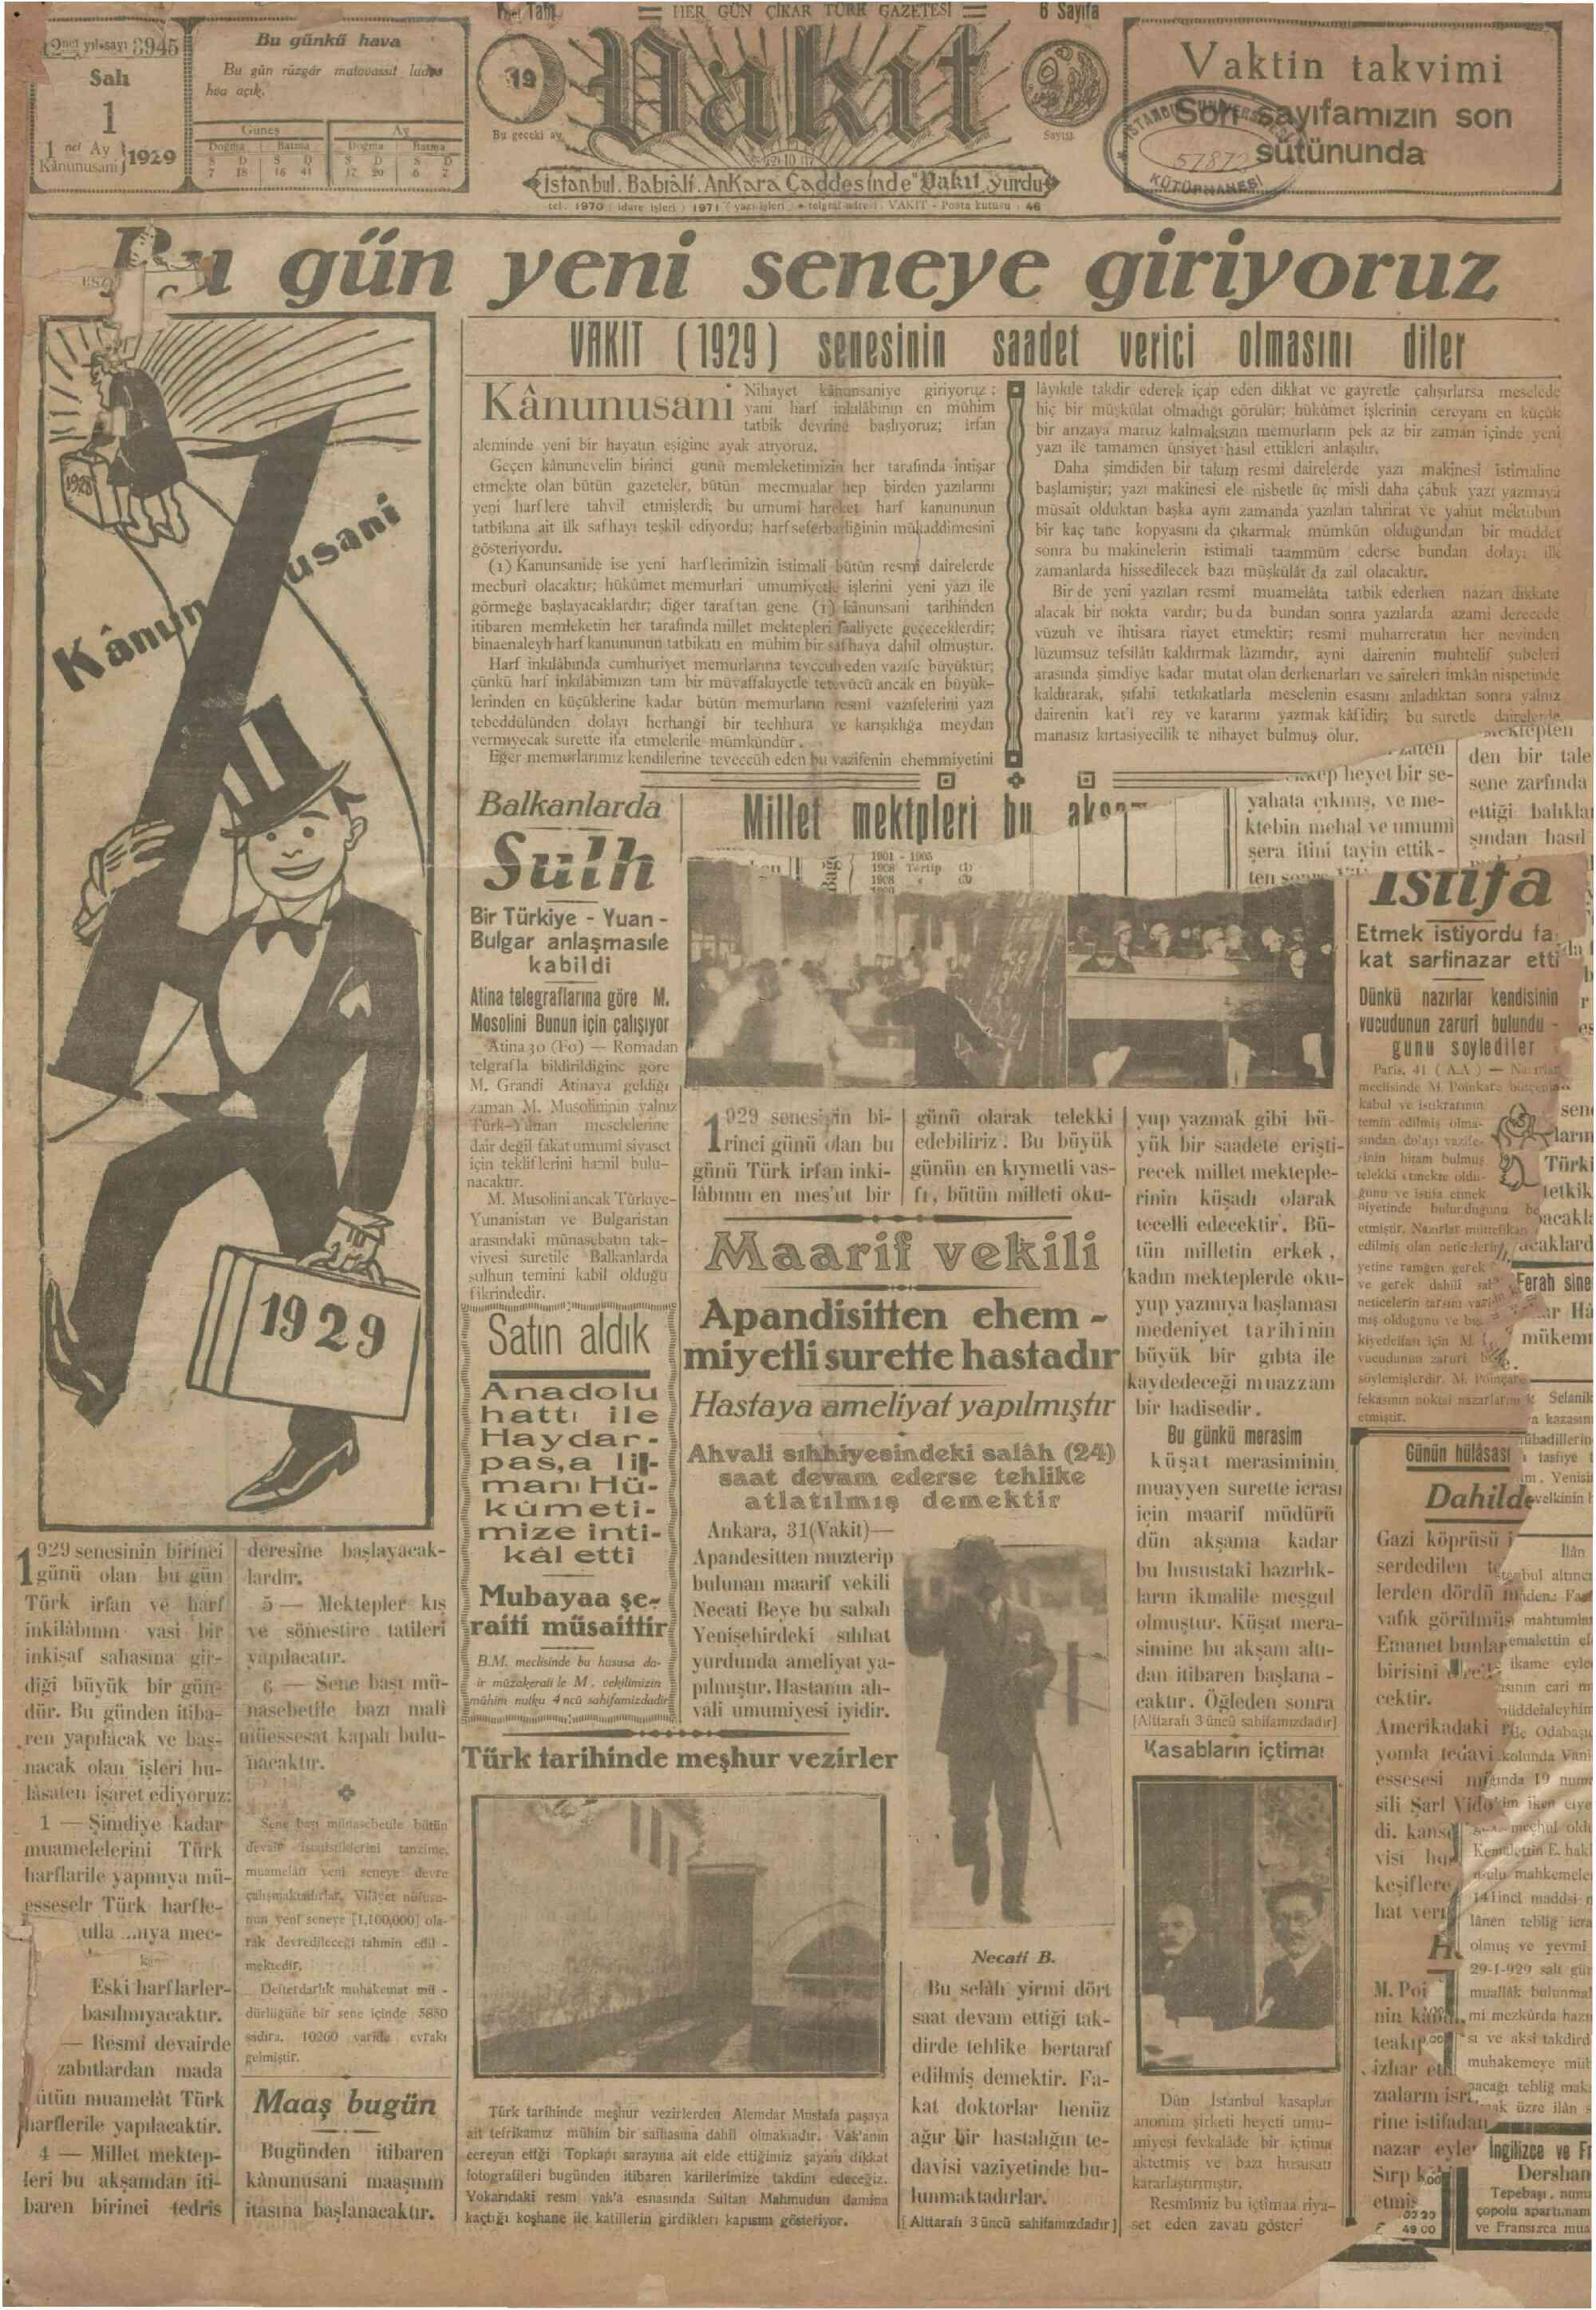 1 Ocak 1929 Tarihli Vakit Gazetesi Sayfa 1